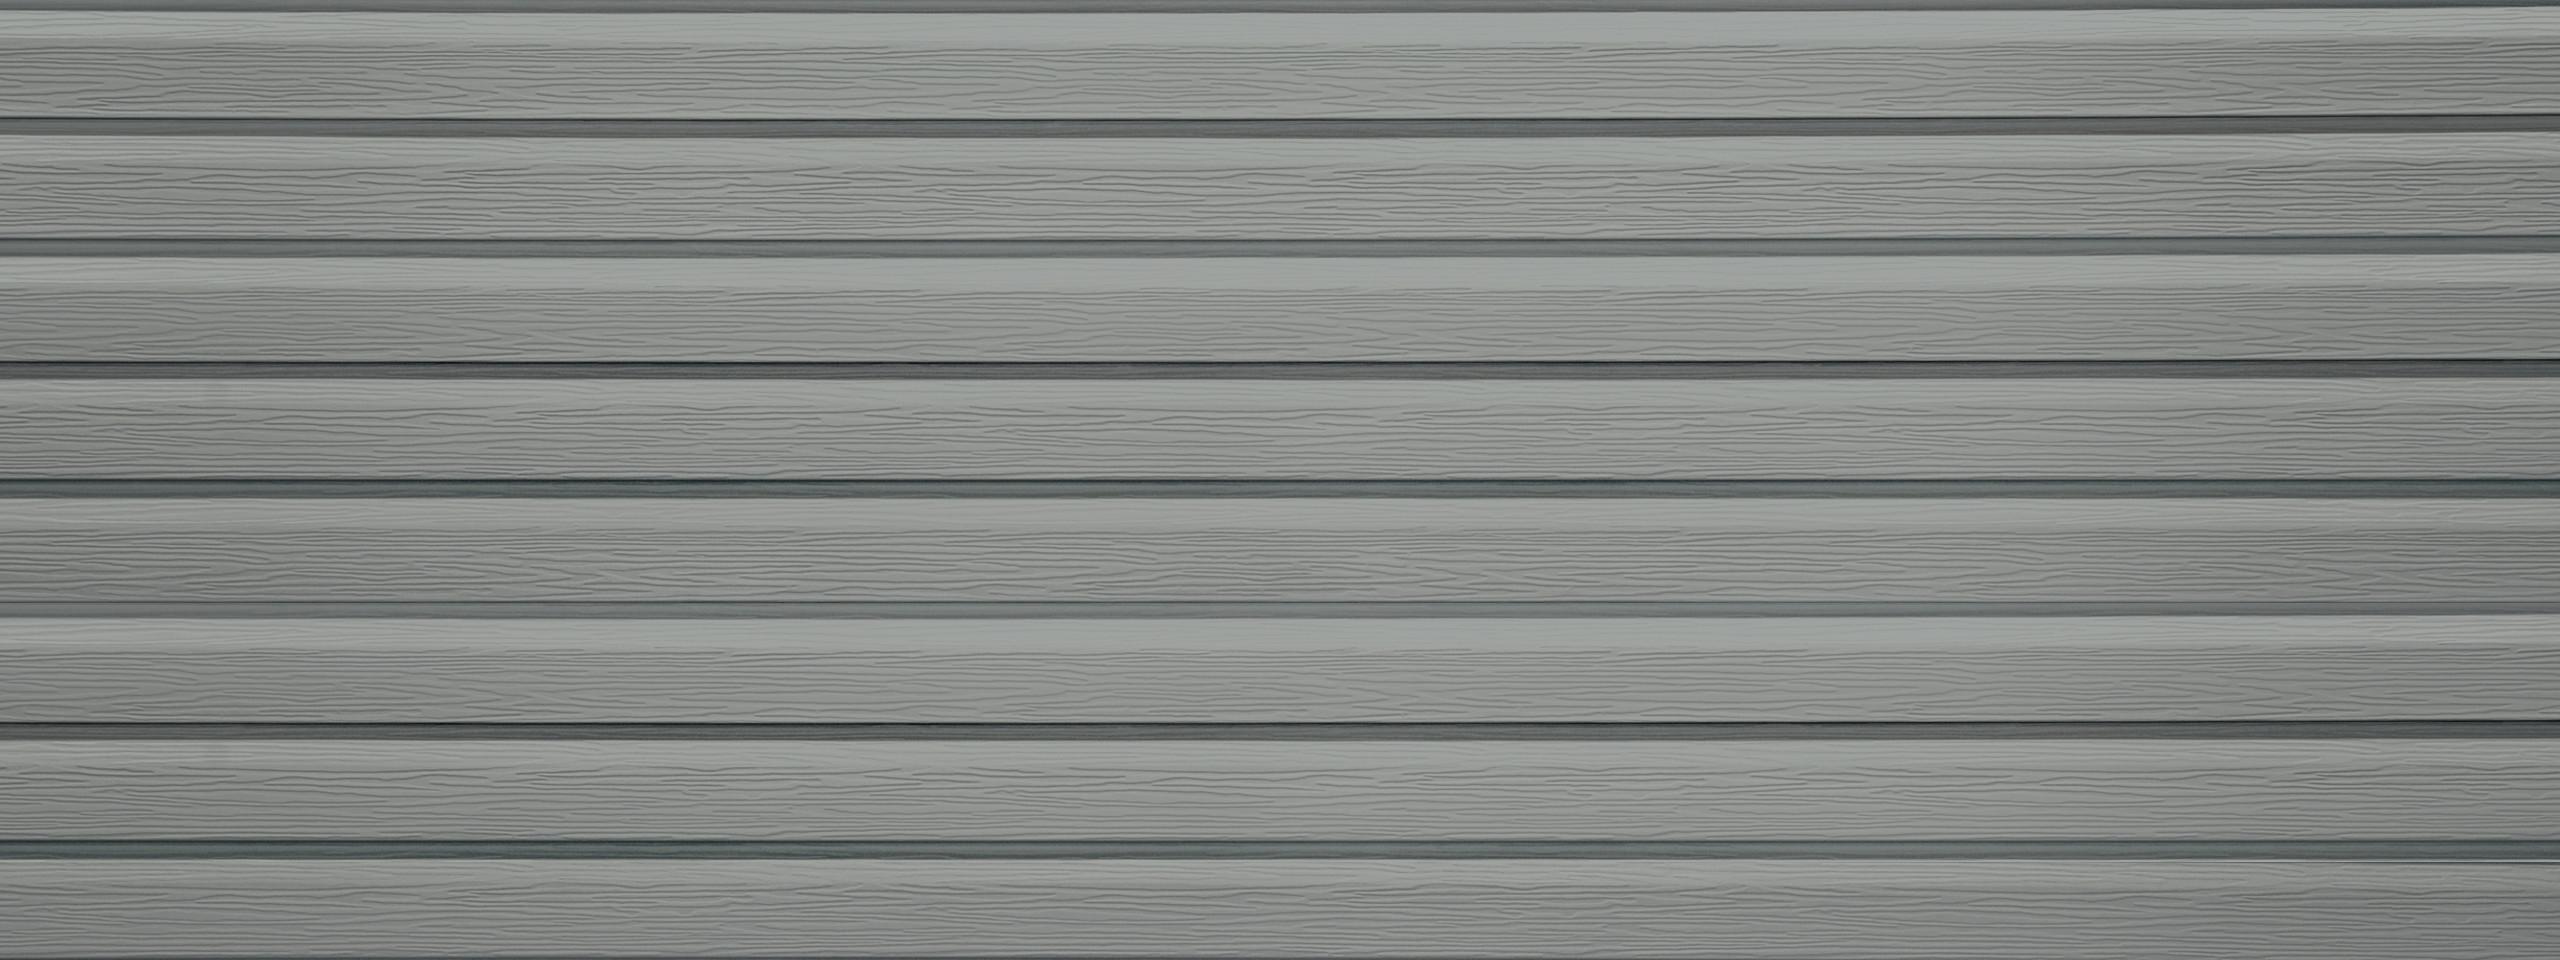 Entex dutchlap driftwood gray/grey steel siding